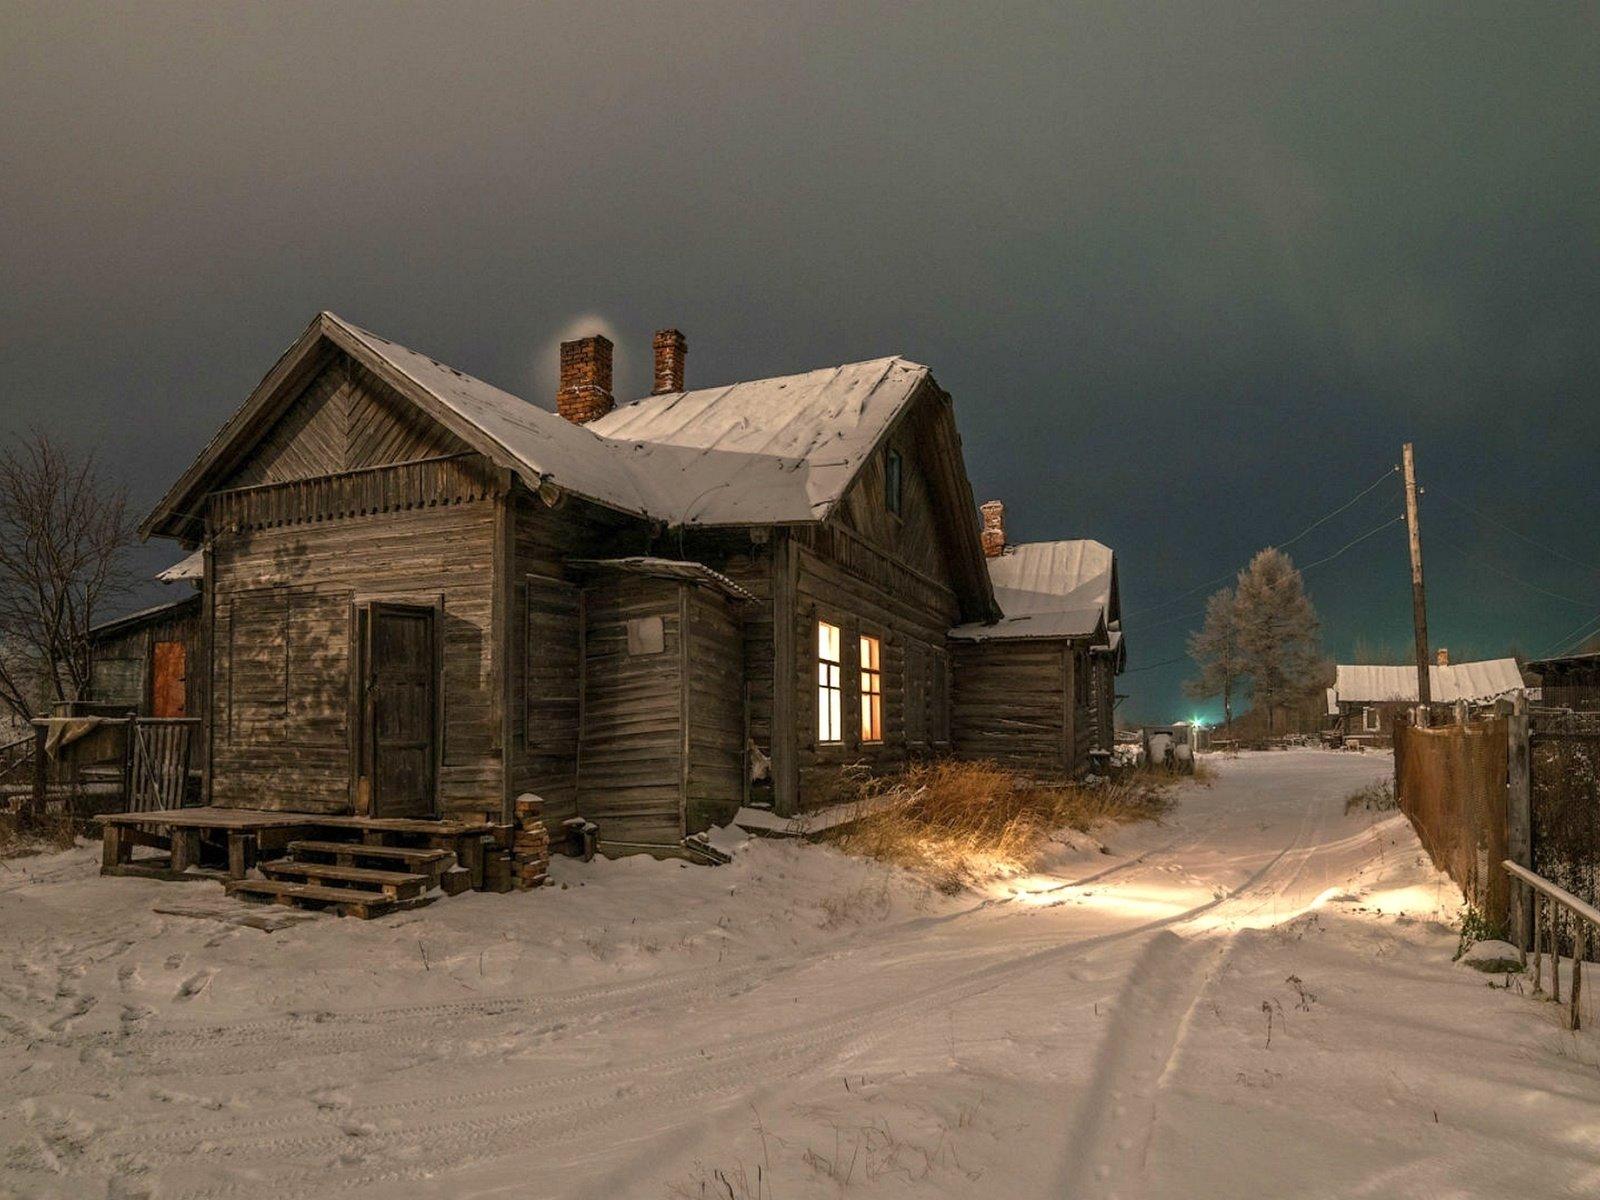 фото зимних деревенских домов россии для девушки